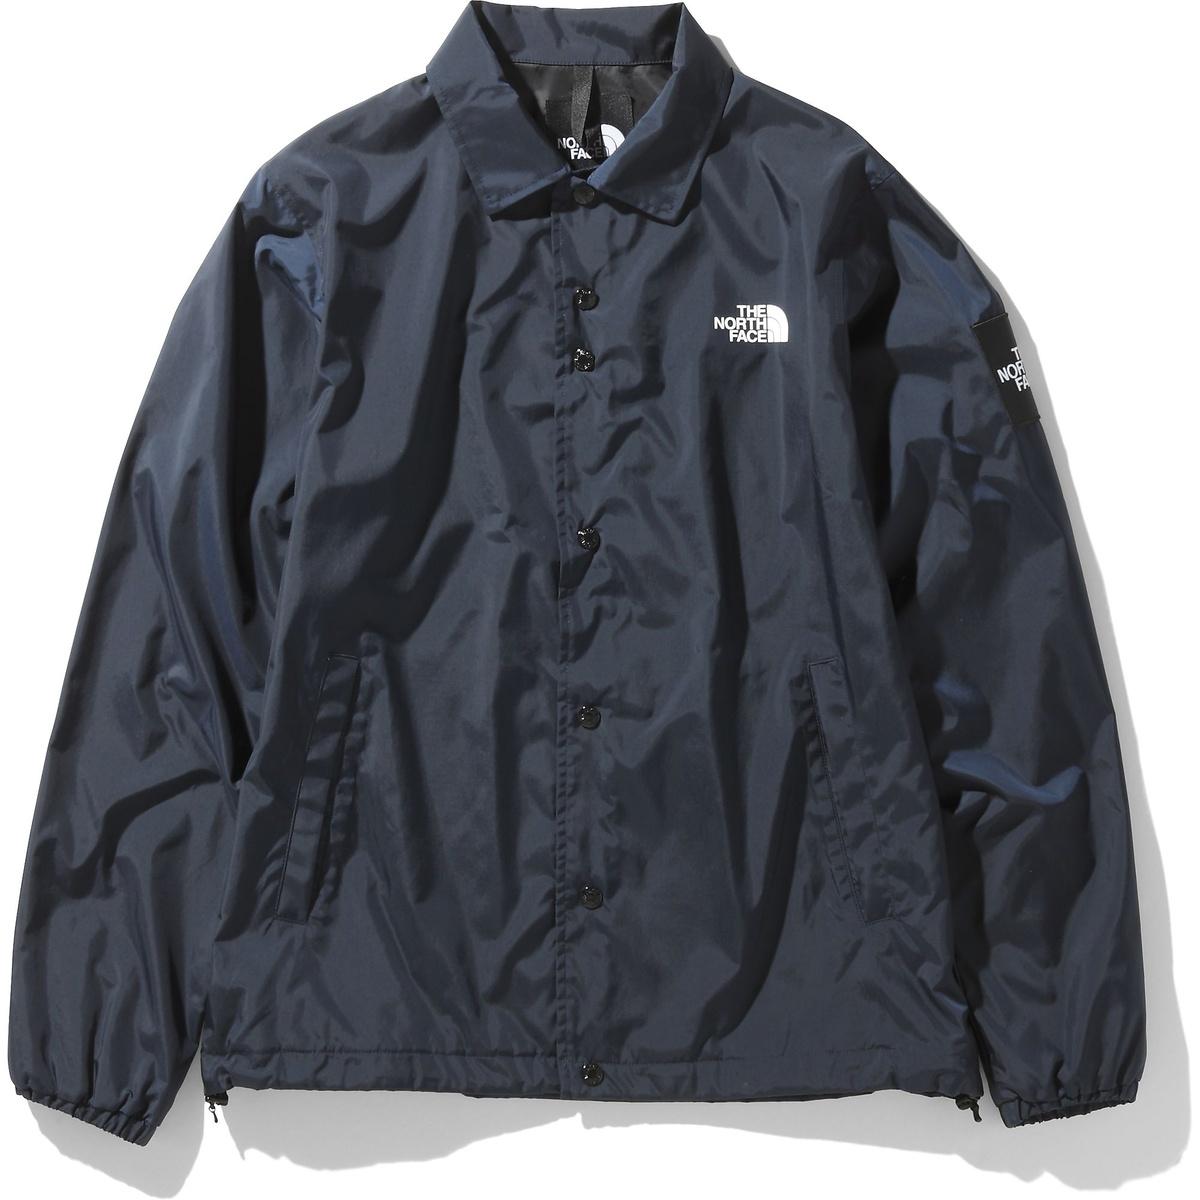 ノースフェイス トレッキング アウトドア 薄手ジャケット The Coach Jacket THE メンズ FACE NP22030 NORTH ザコーチジャケット UN 新作入荷!! Seasonal Wrap入荷